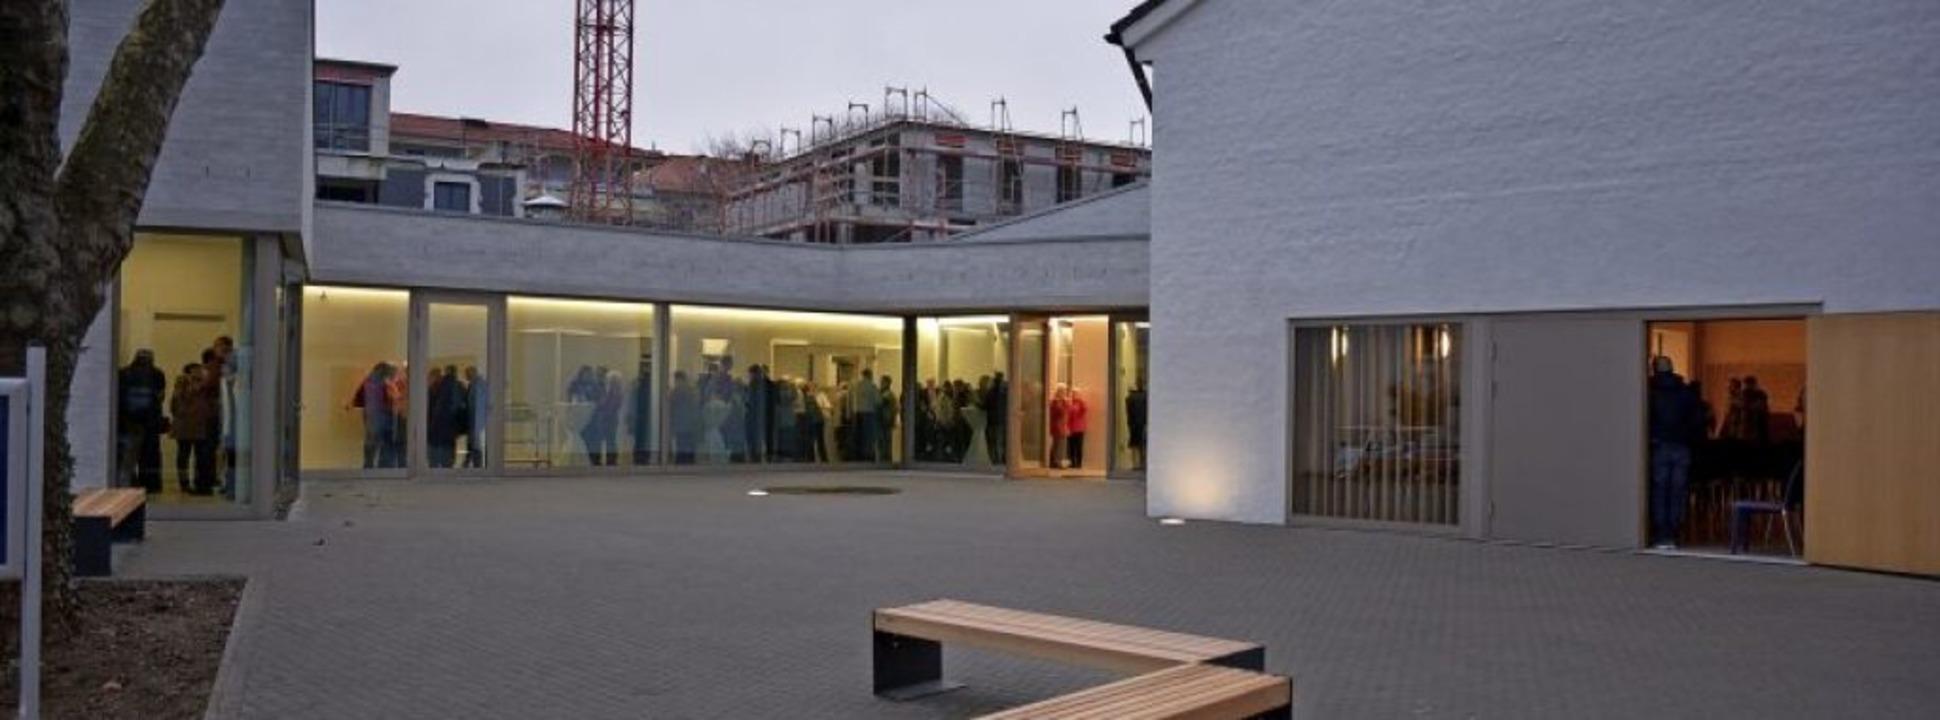 Das neue Gemeindezentrum bietet beste ...e Formen der Gemeinschaft im Glauben.   | Foto: Hannes Lauber